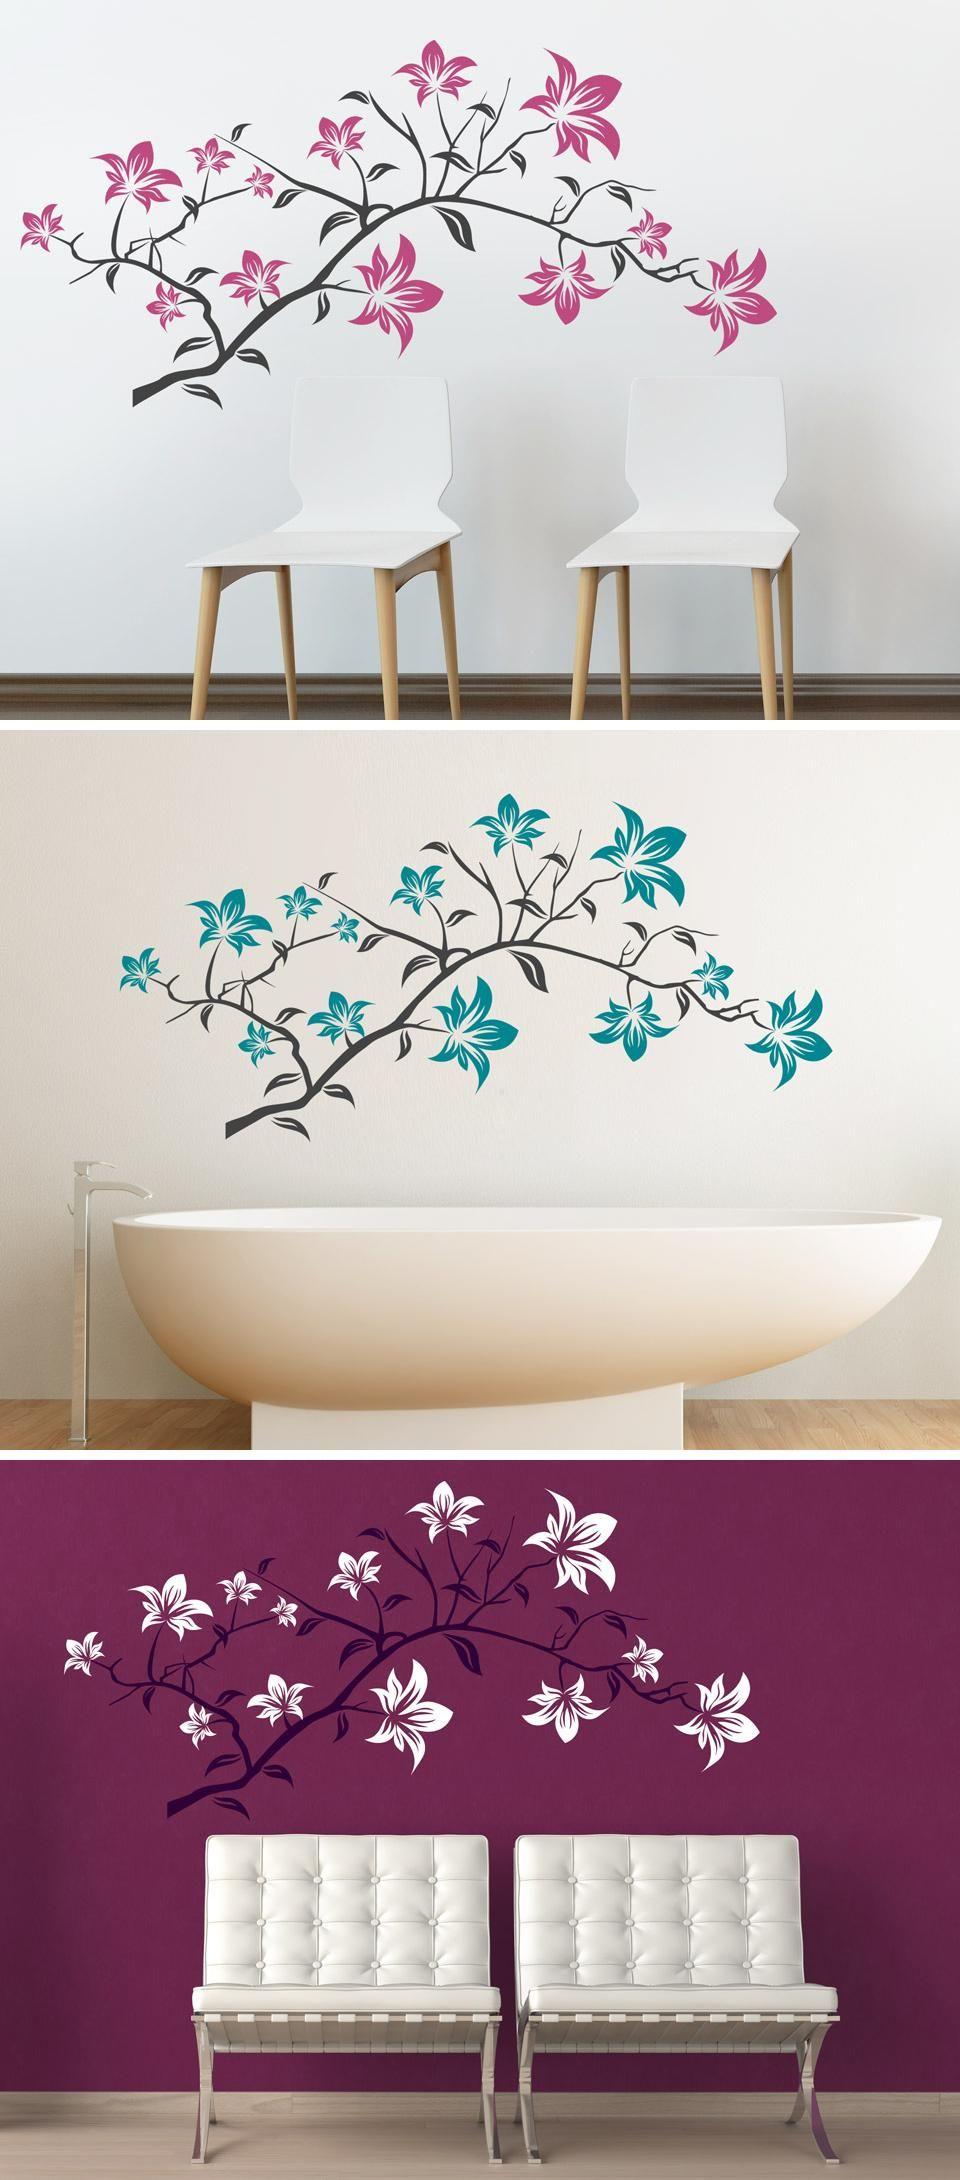 Bezaubernde Blüten Kommen Als Wandtattoo Lilien In Die Wohnung. Der Zweig  Ist Zweifarbig. Die Farbe Der Blüten Kann Ganz Nach Wunsch Gewählt Werden.